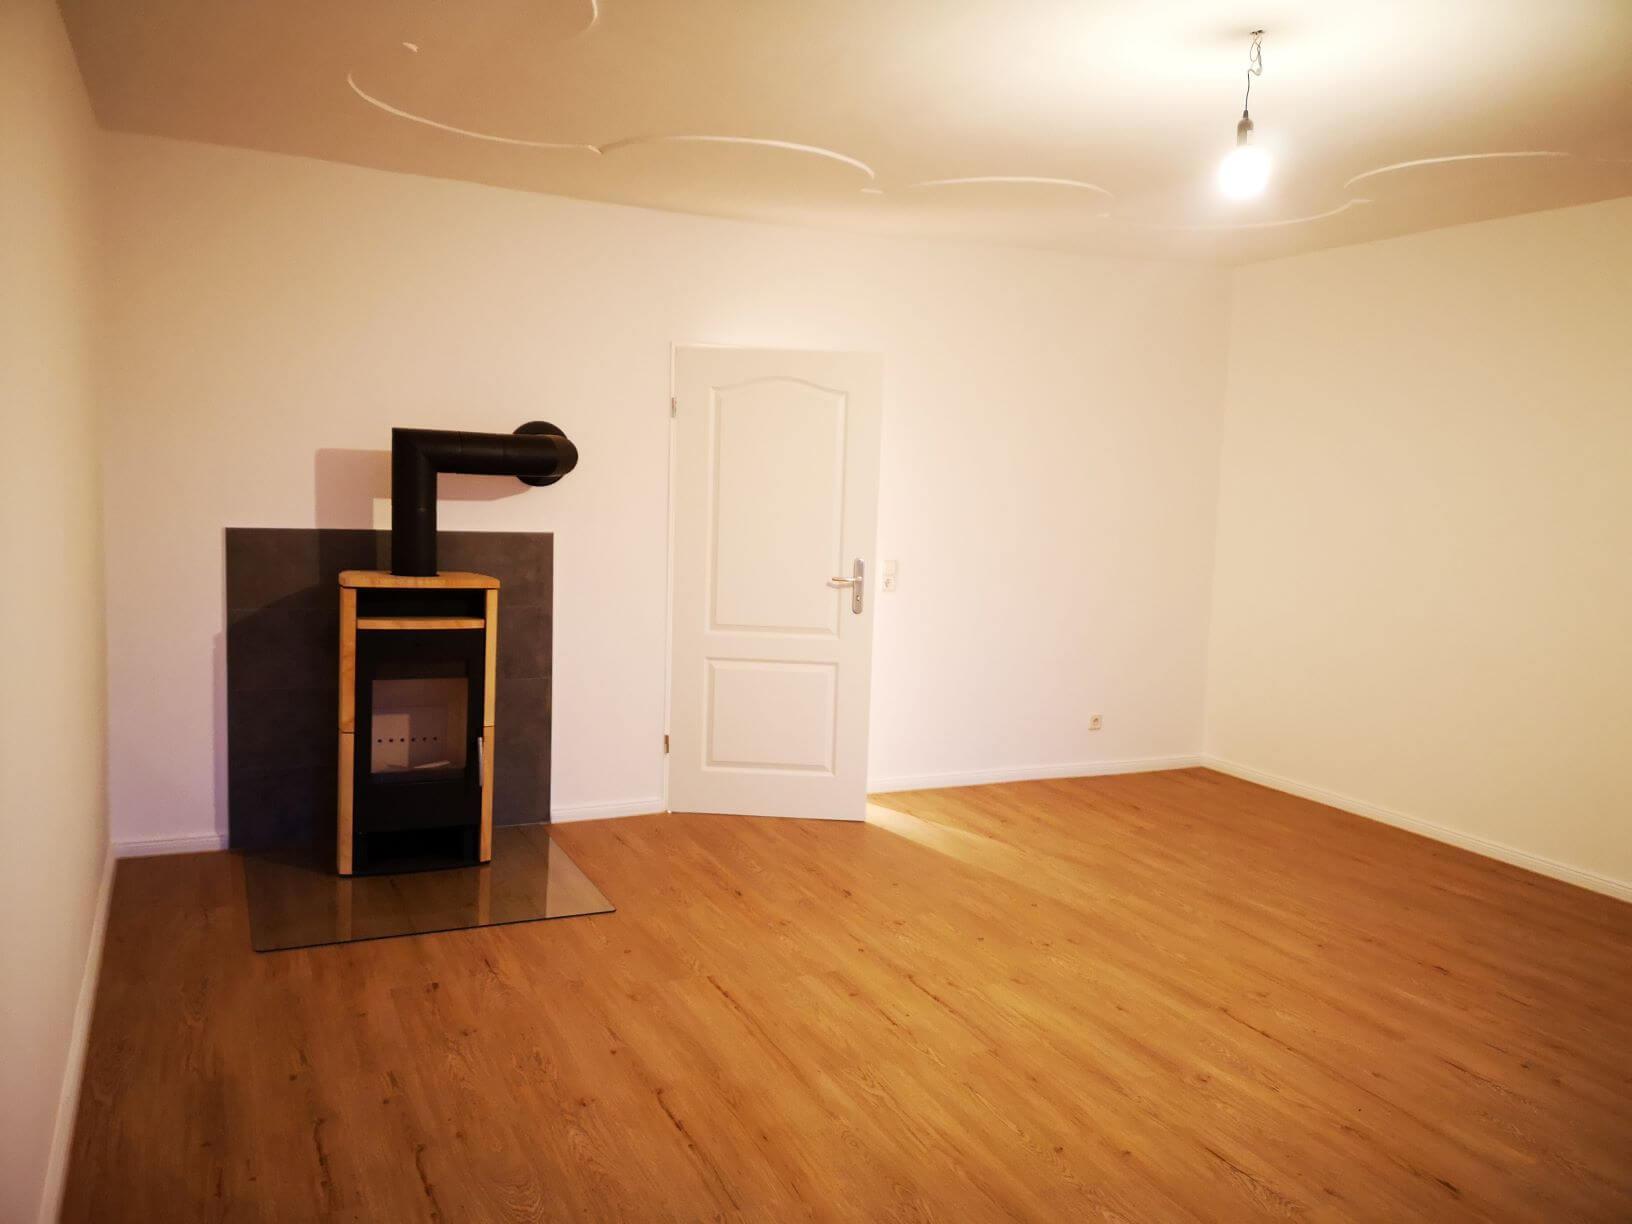 Wohnzimmer im neuen Glanz